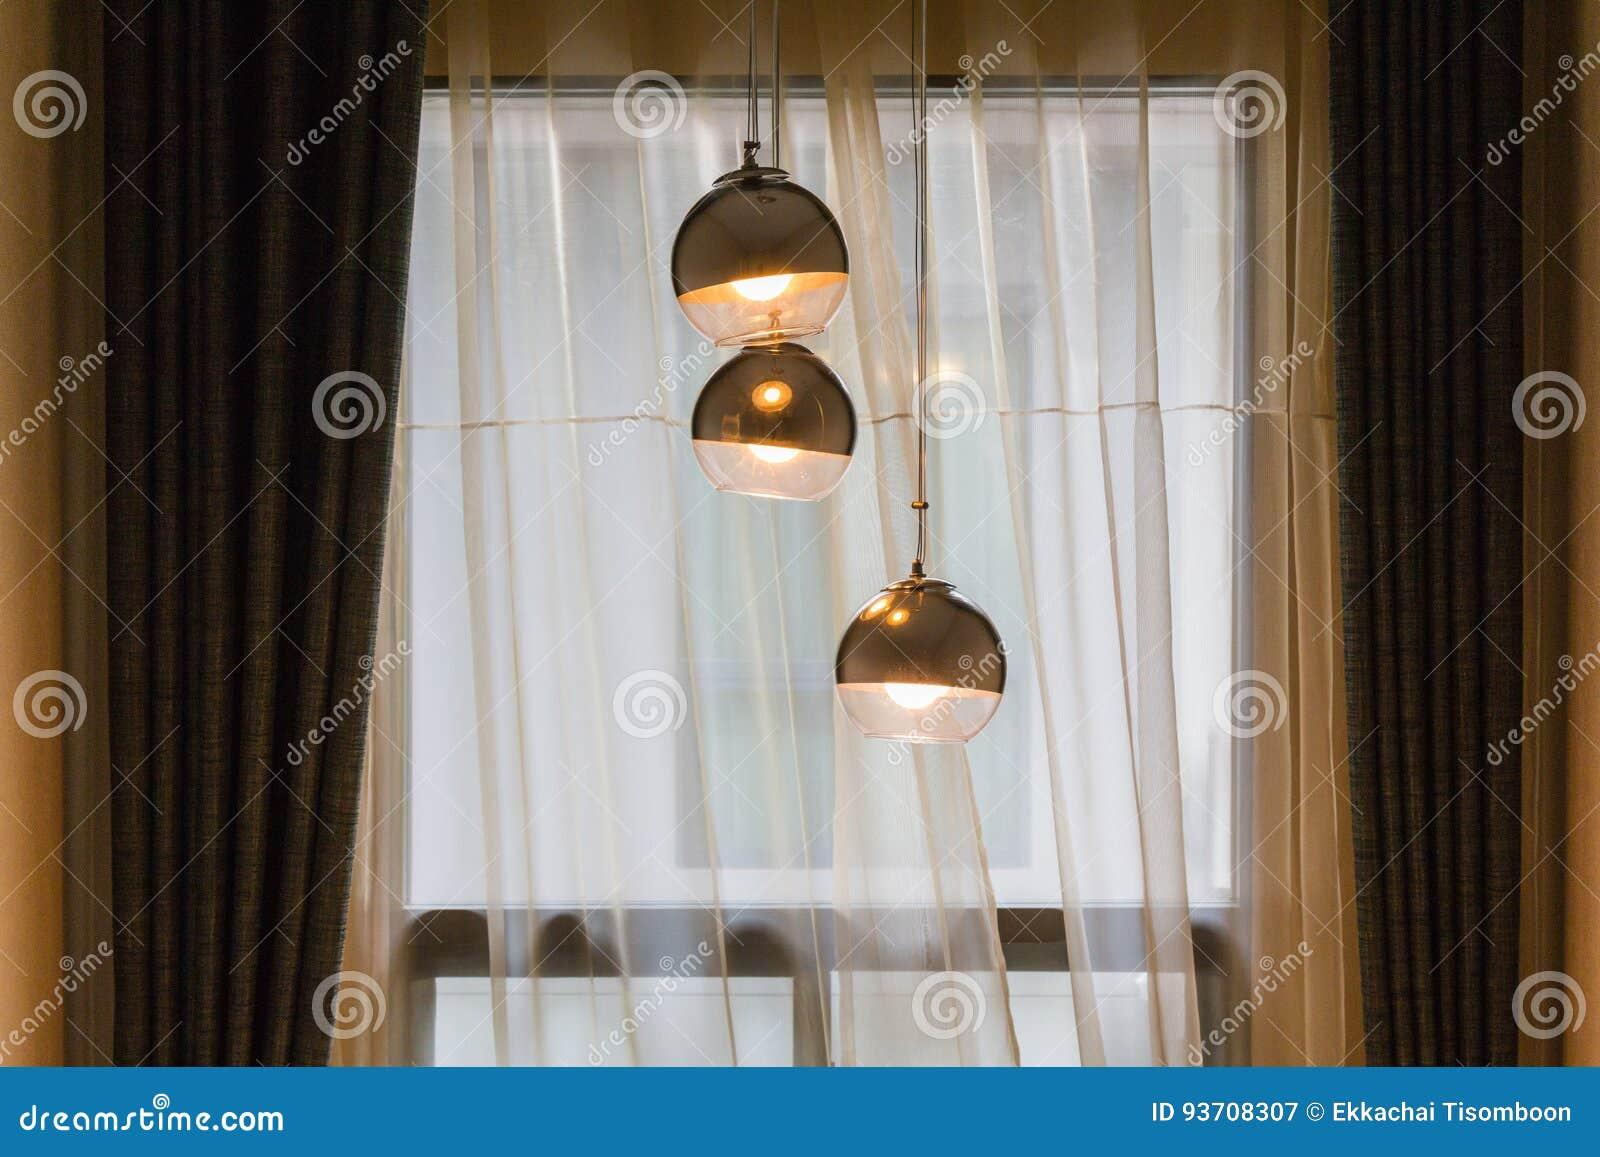 Lampade a sospensione sferiche moderne immagine stock immagine di